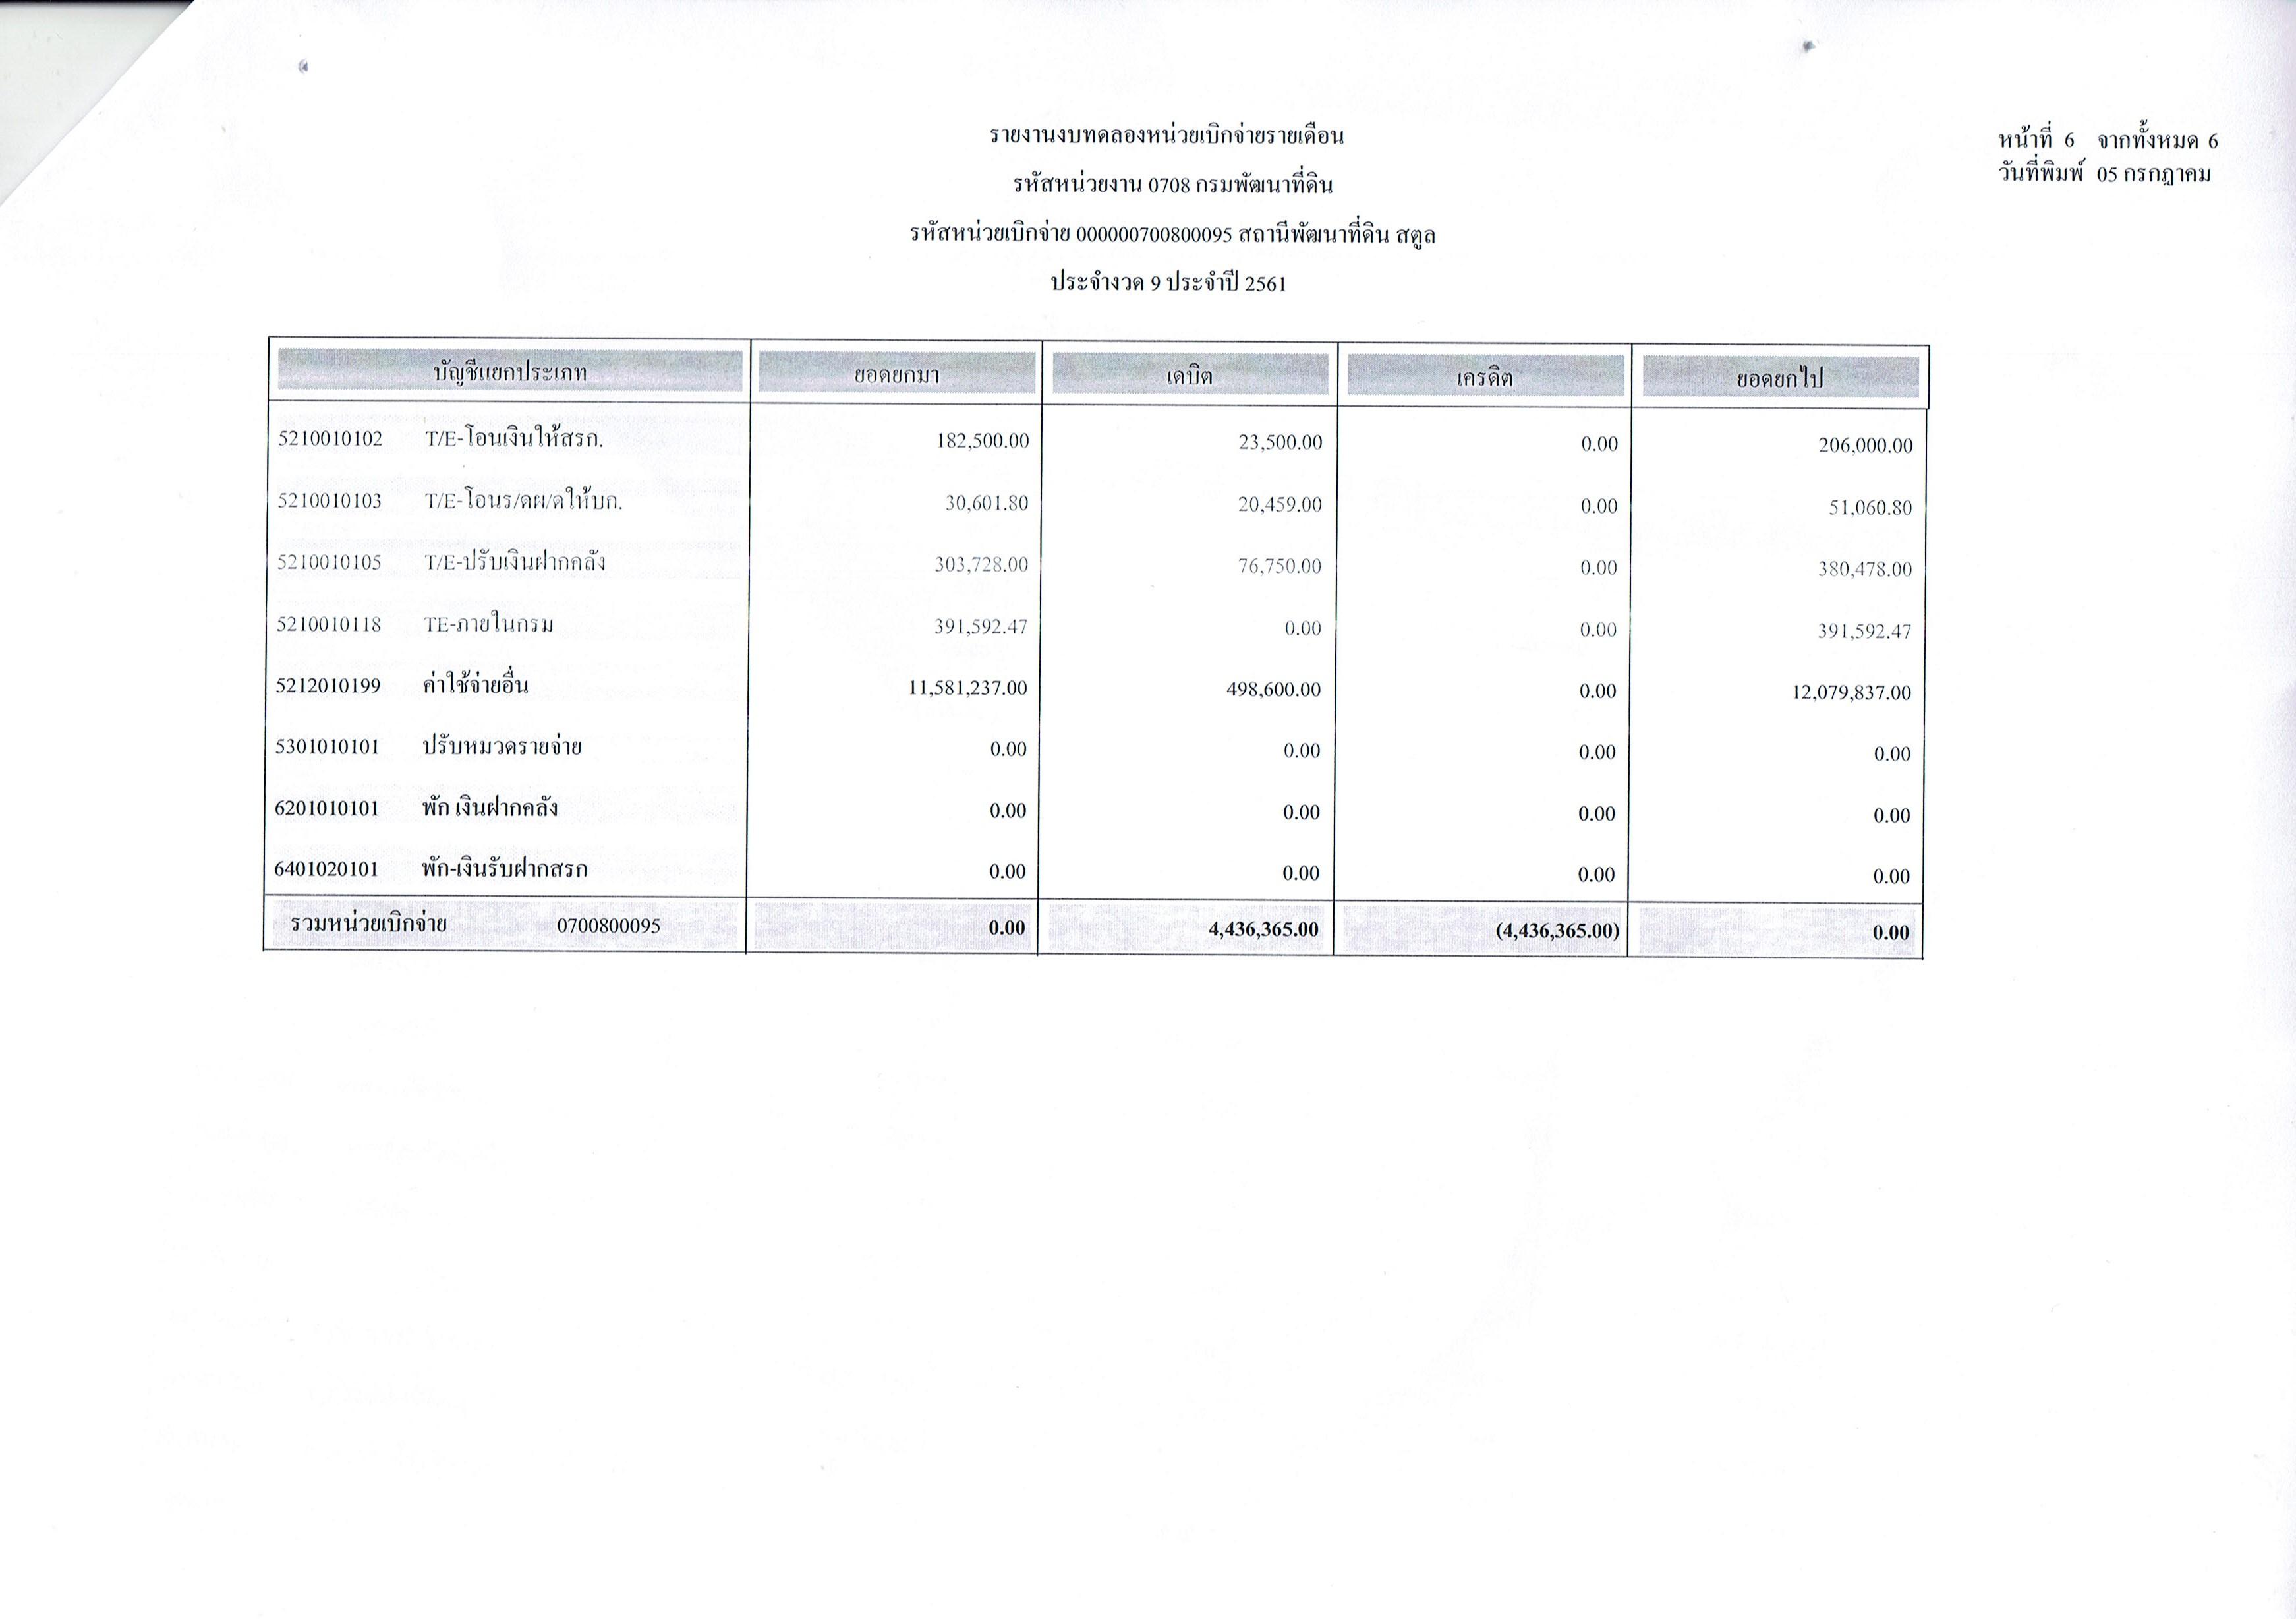 รายงานงบทดลองหน่วยเบิกจ่ายรายเดือนมิถุนายน ประจำงวด 9 ประจำปี 2561 6